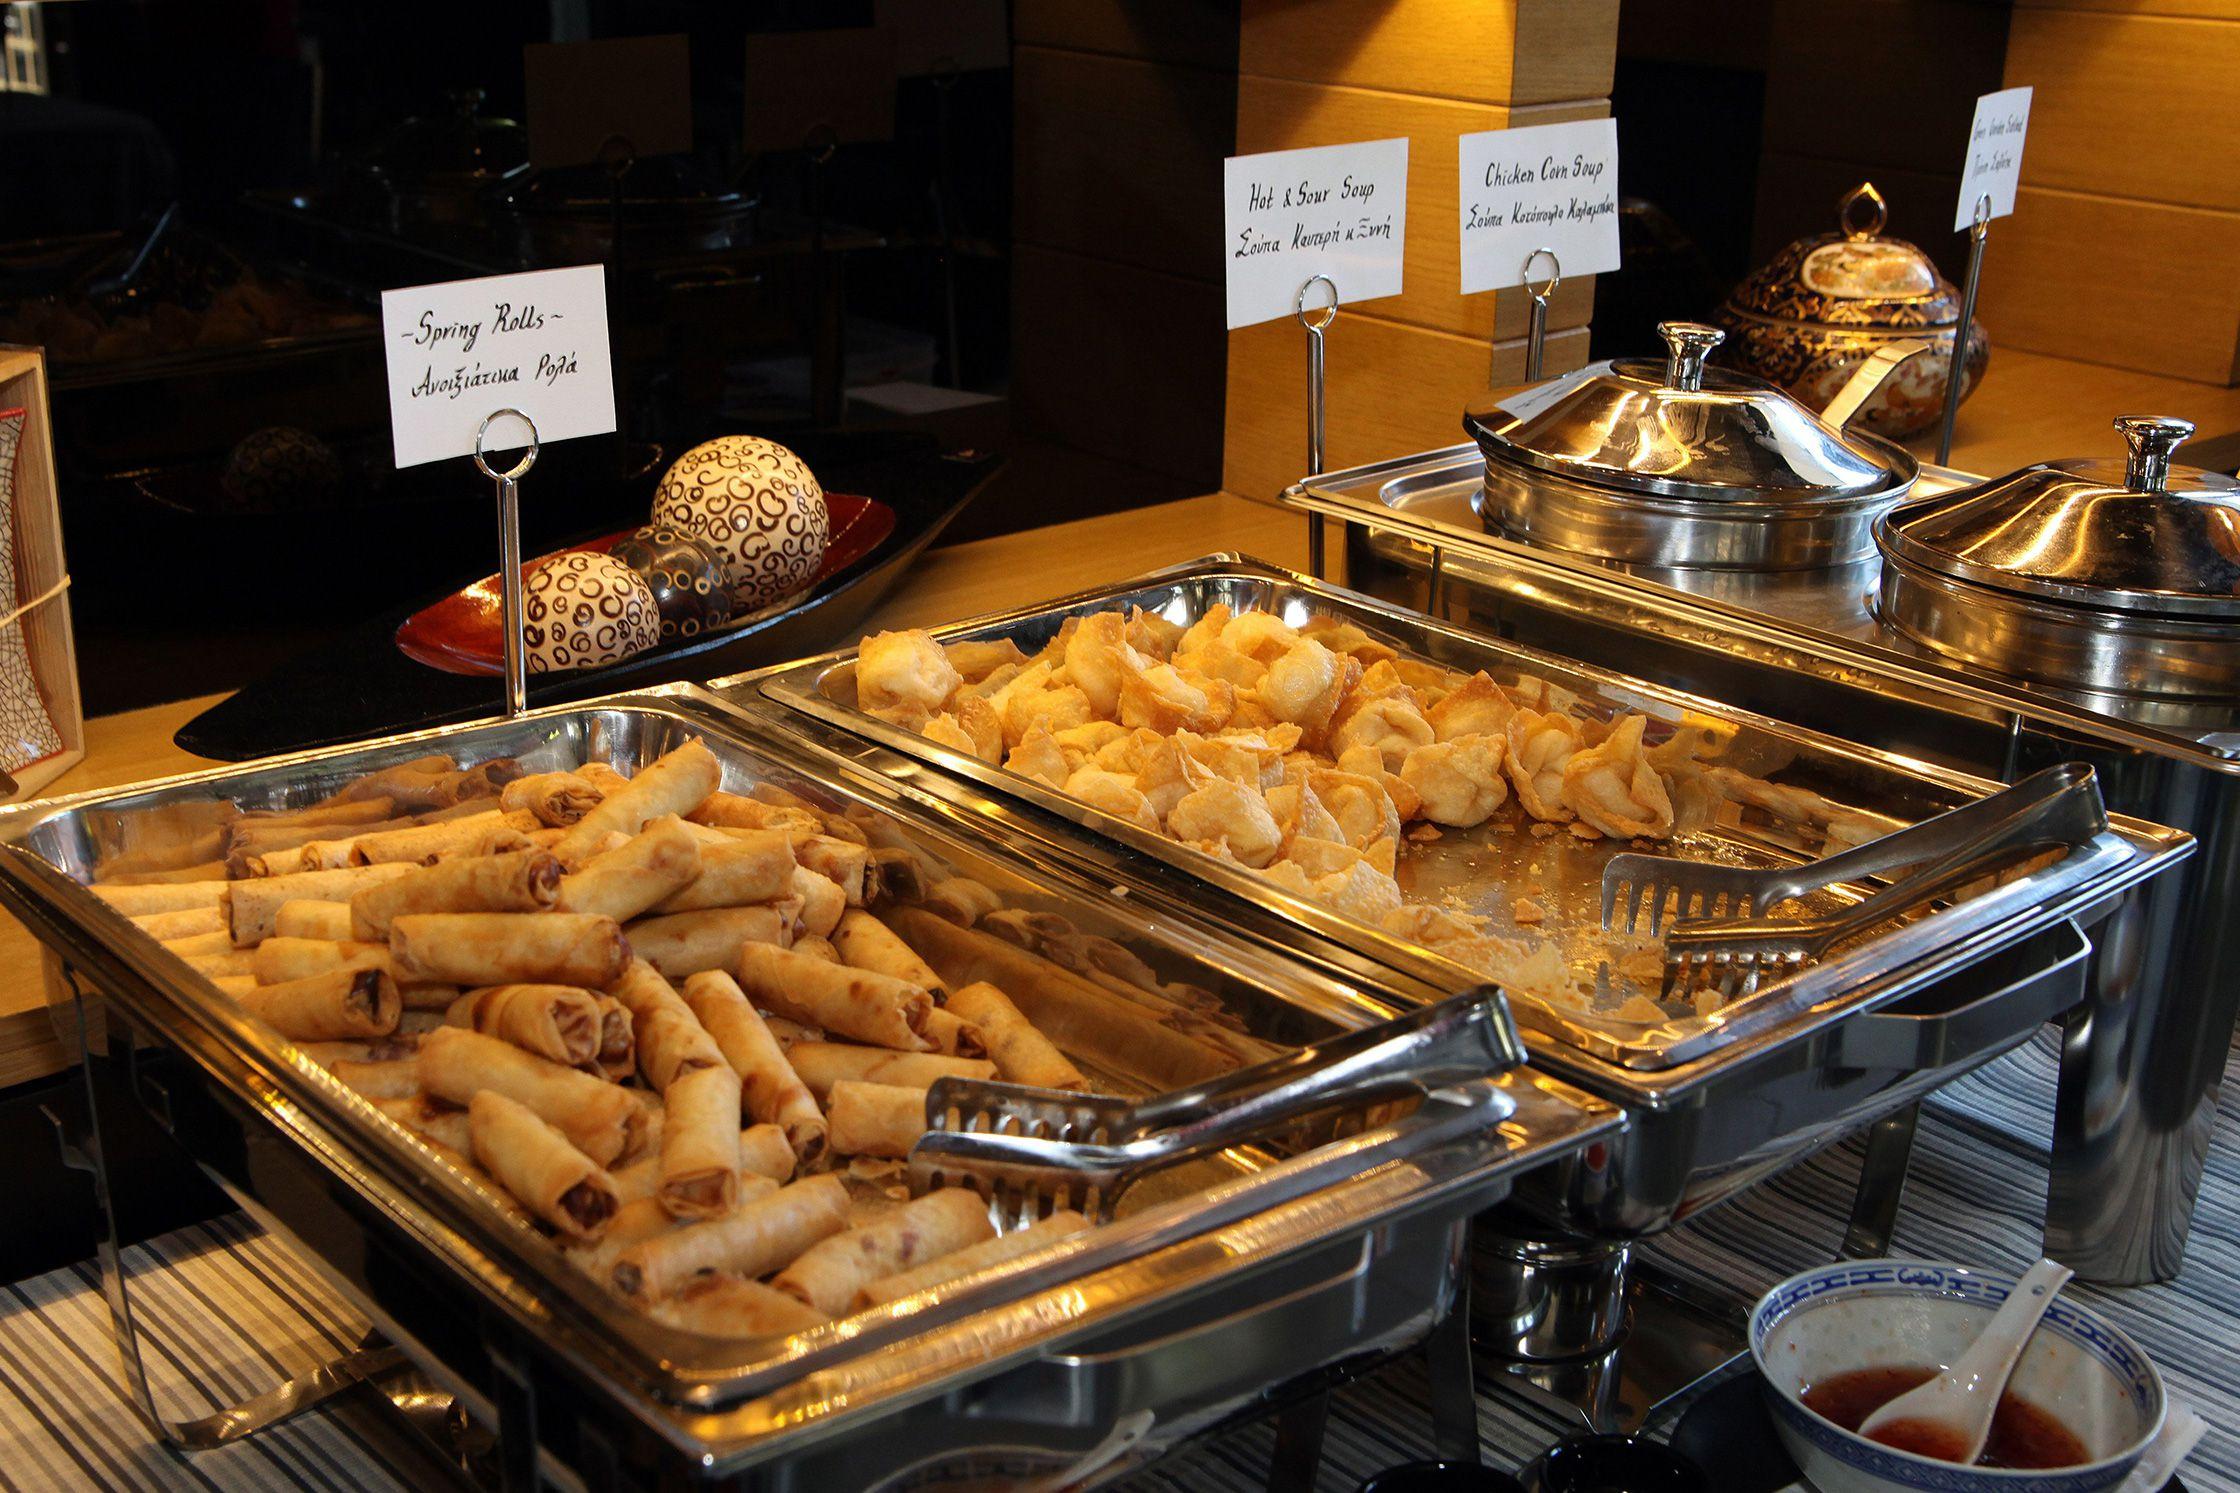 Κάθε Κυριακή Κινέζικο & Sushi μπουφέ 17€ στο Κινέζικο-Sushi Εστιατόριο Won Ton - Sushi Restaurant